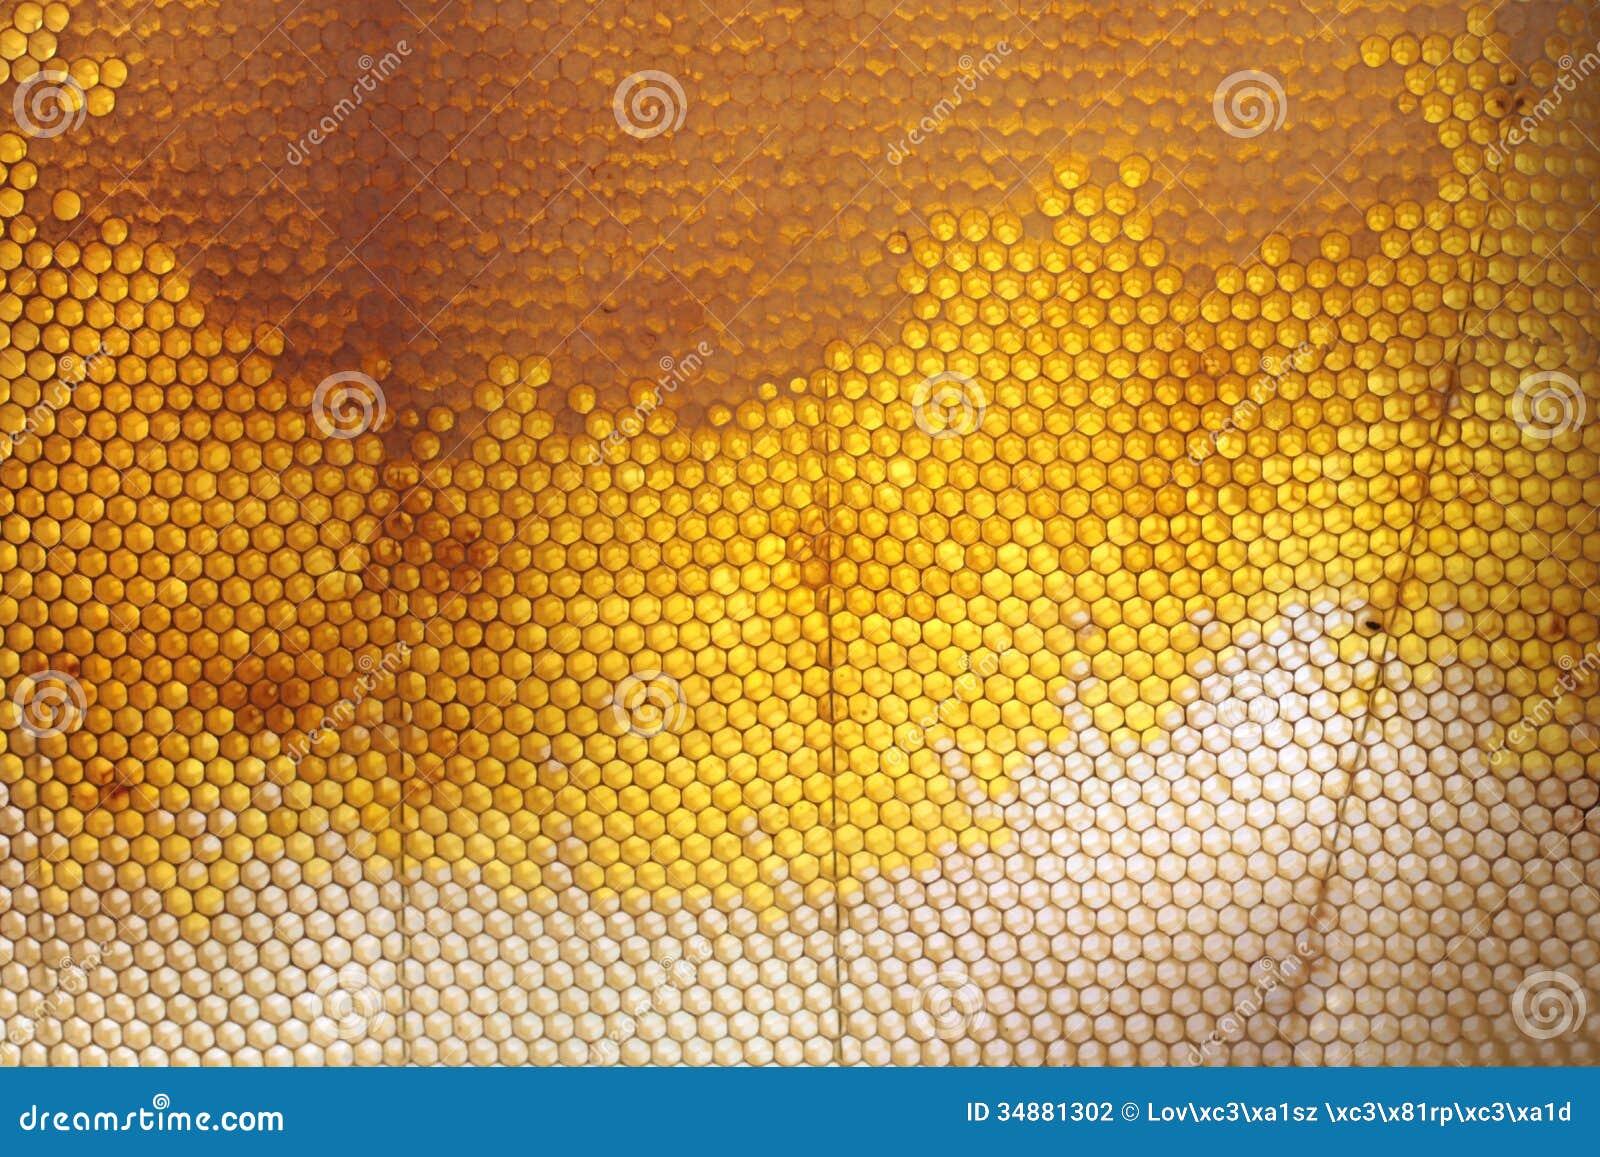 Texture de nid d abeilles